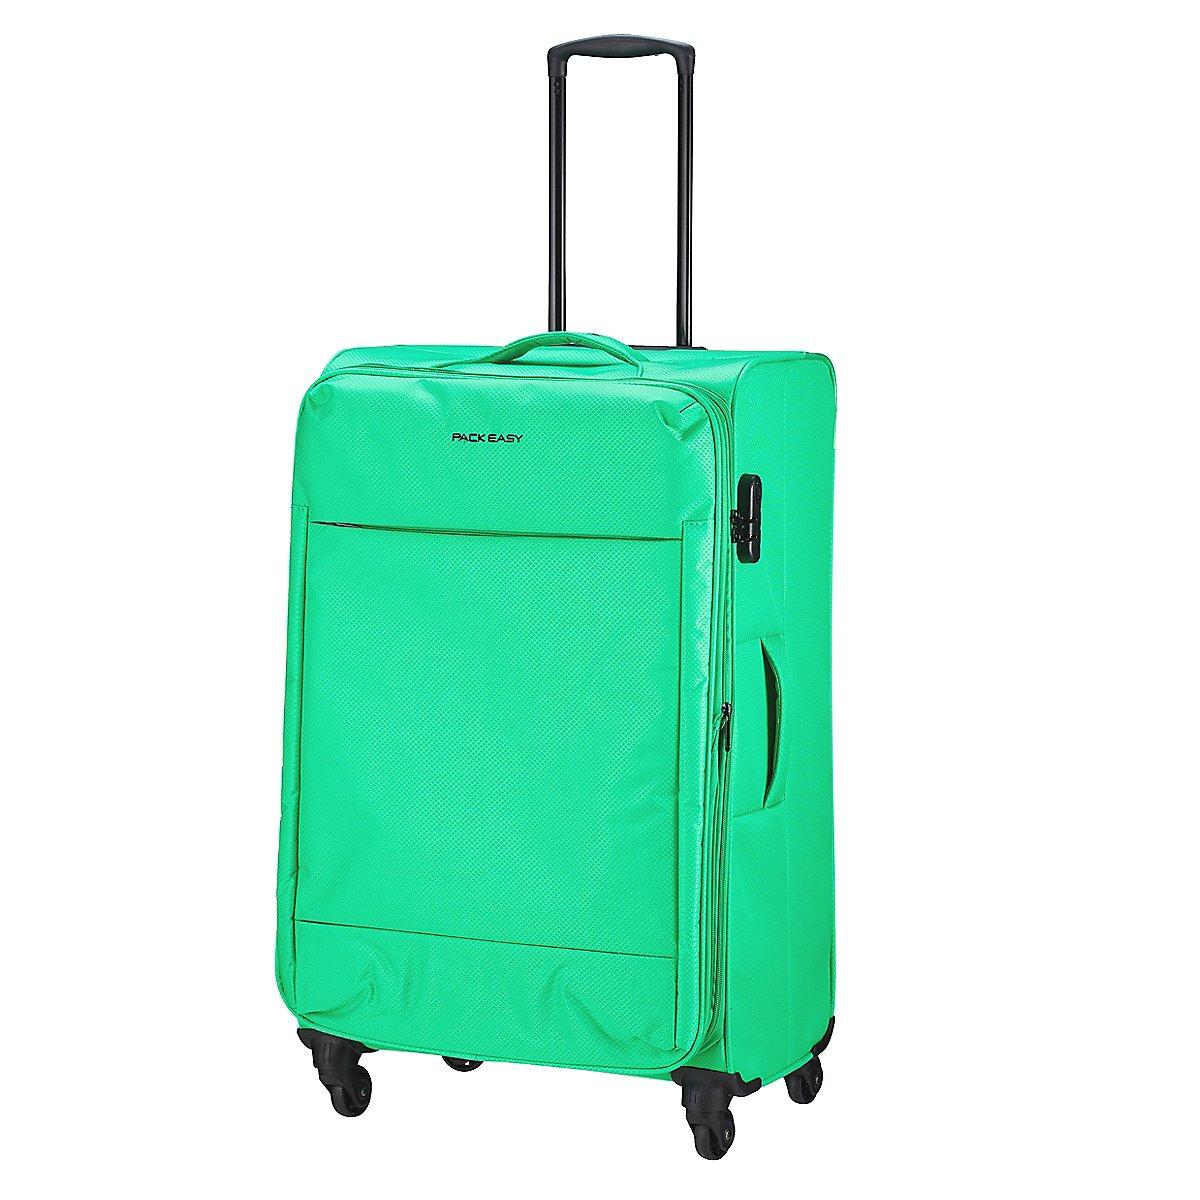 pack easy eros 4 rollen trolley 75 cm koffer. Black Bedroom Furniture Sets. Home Design Ideas